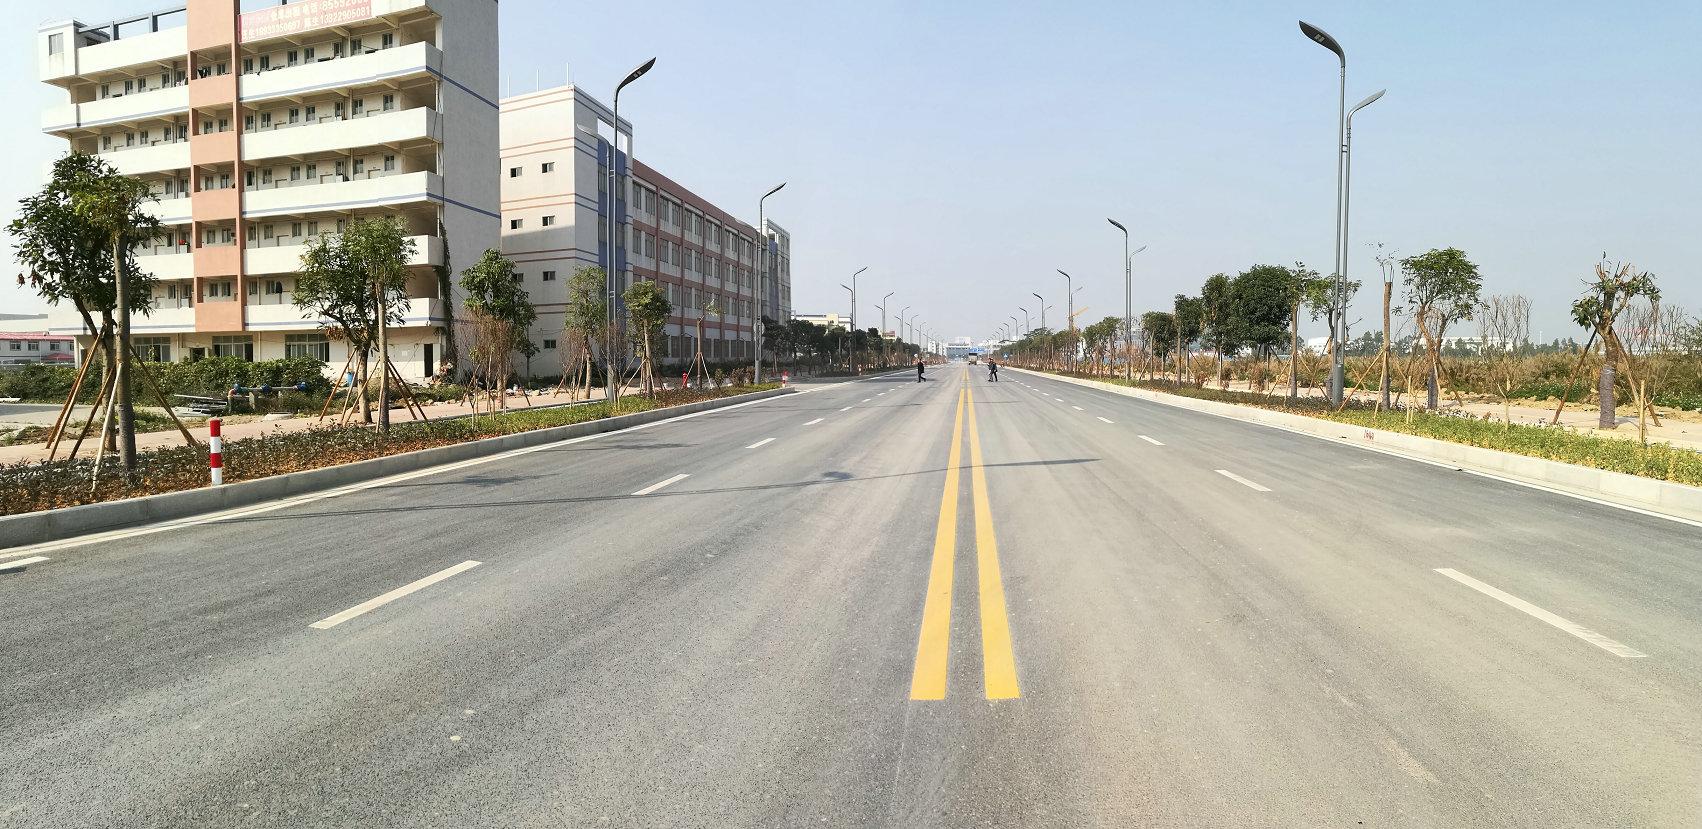 翠亨新区起步区翠澜道(和信路至和清路)道路改造欧宝直播足球直播